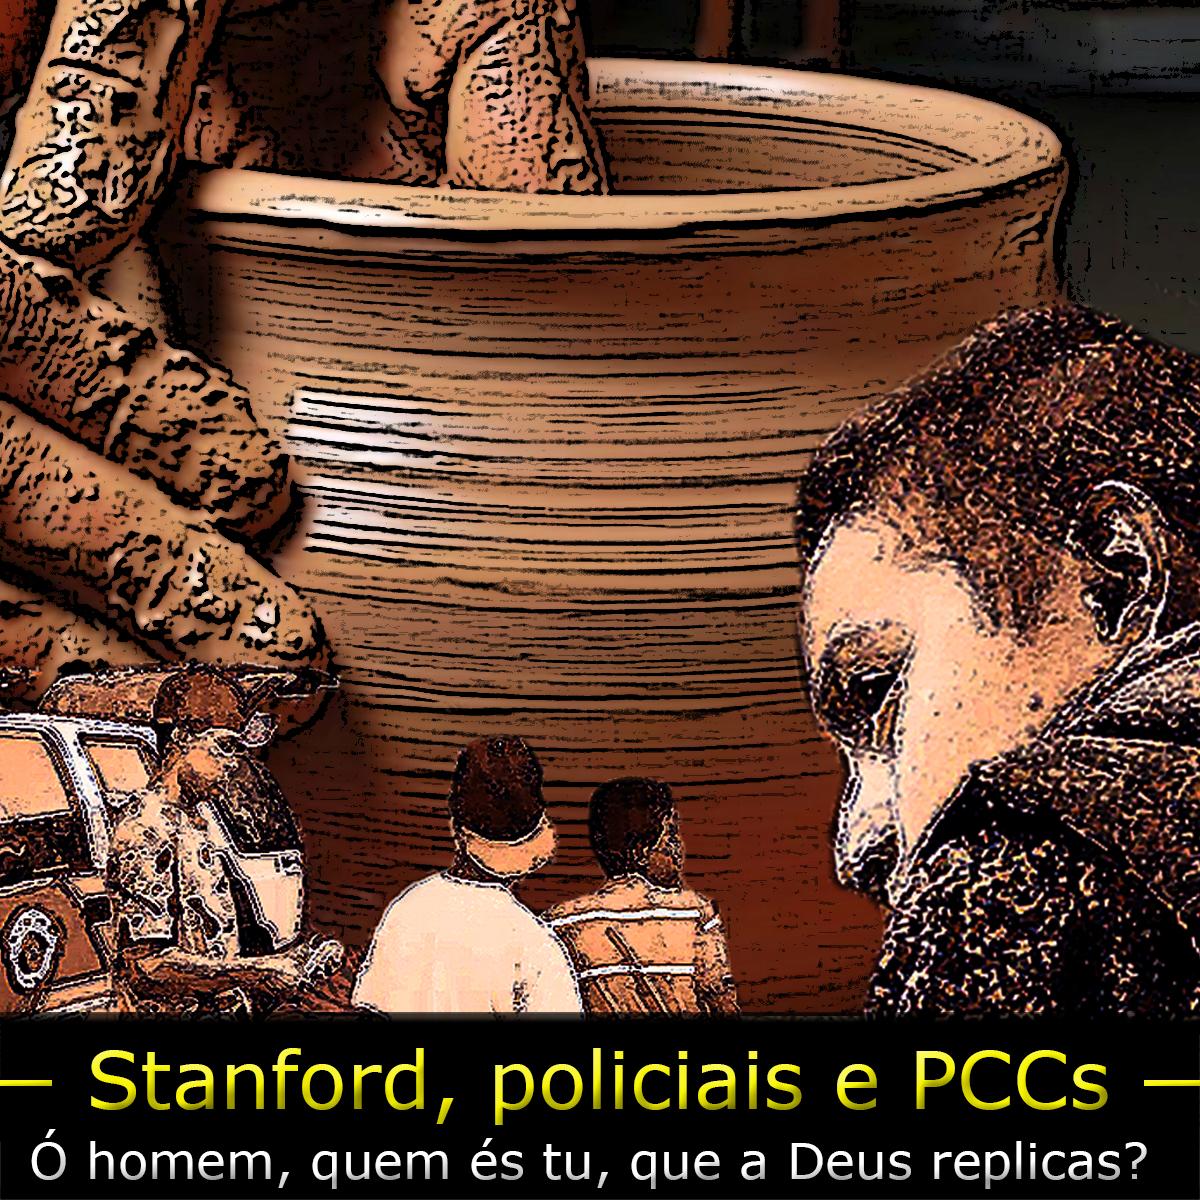 Policiais e PCCs seriam vasos de honra ou desonra?